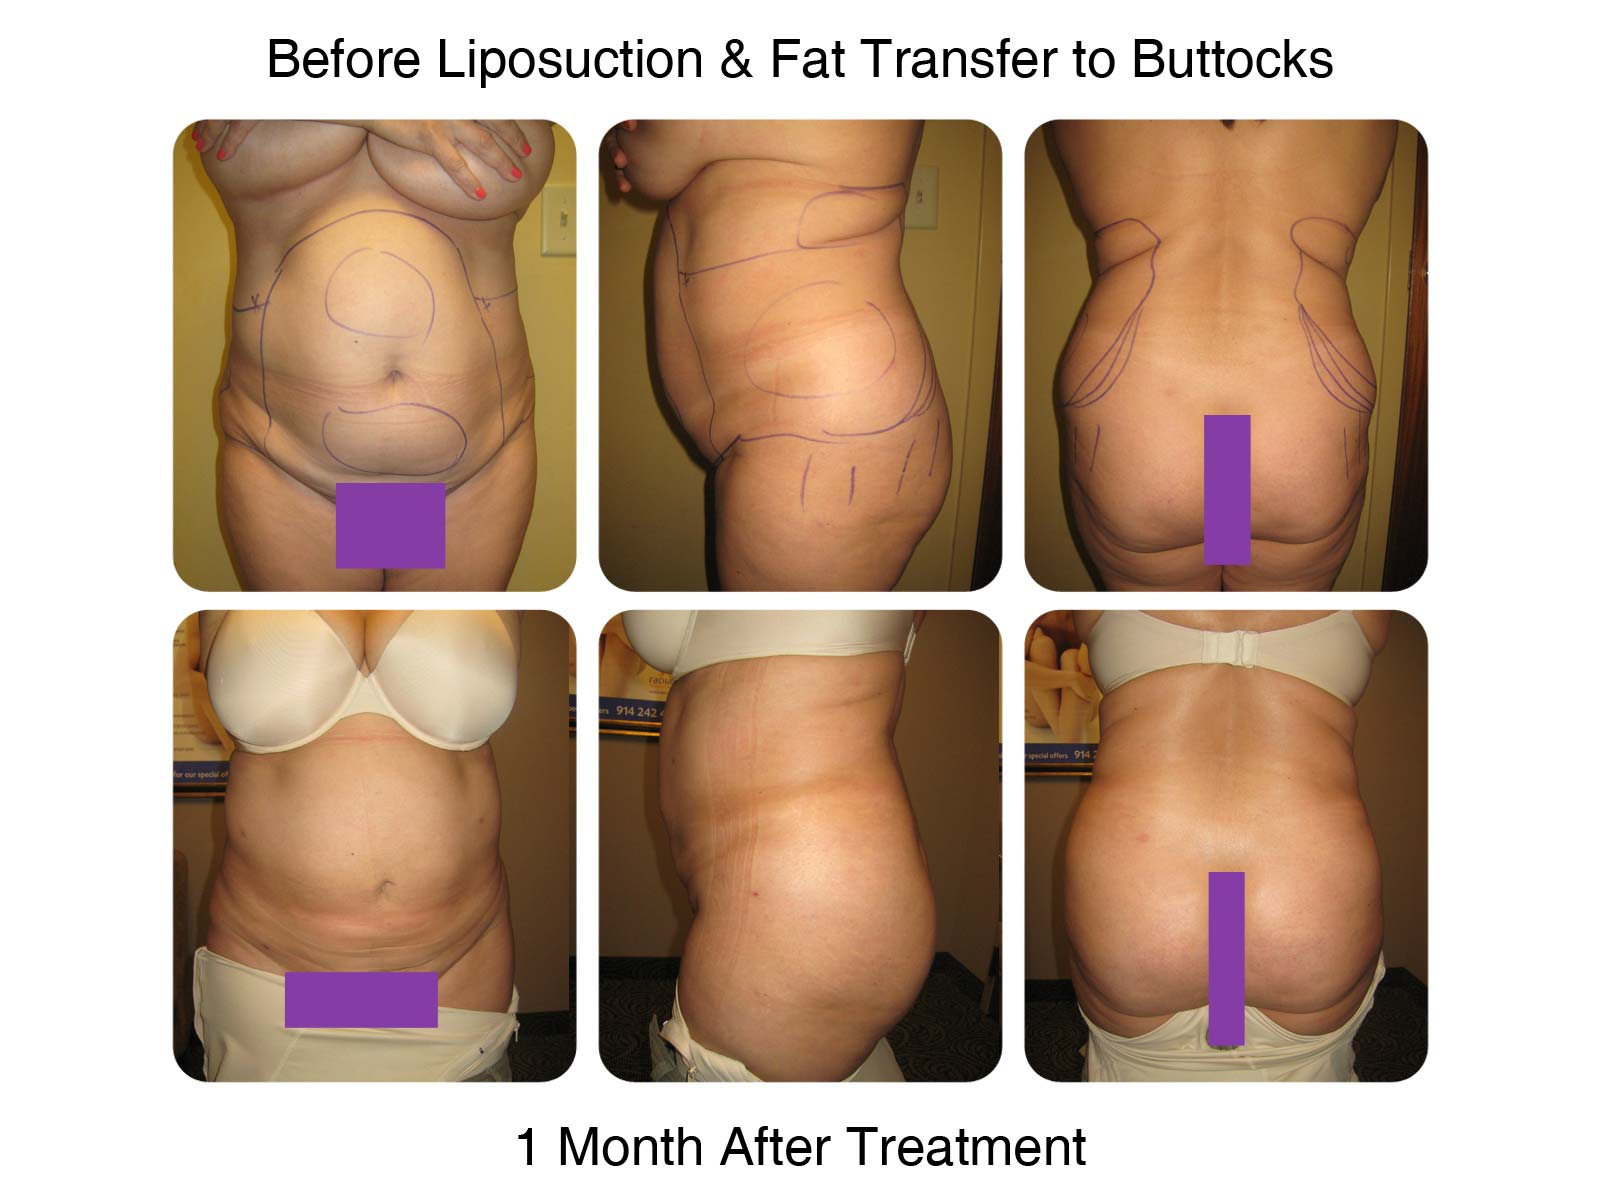 Brazilian Butt Lift Procedure - 1 Month After Treatment